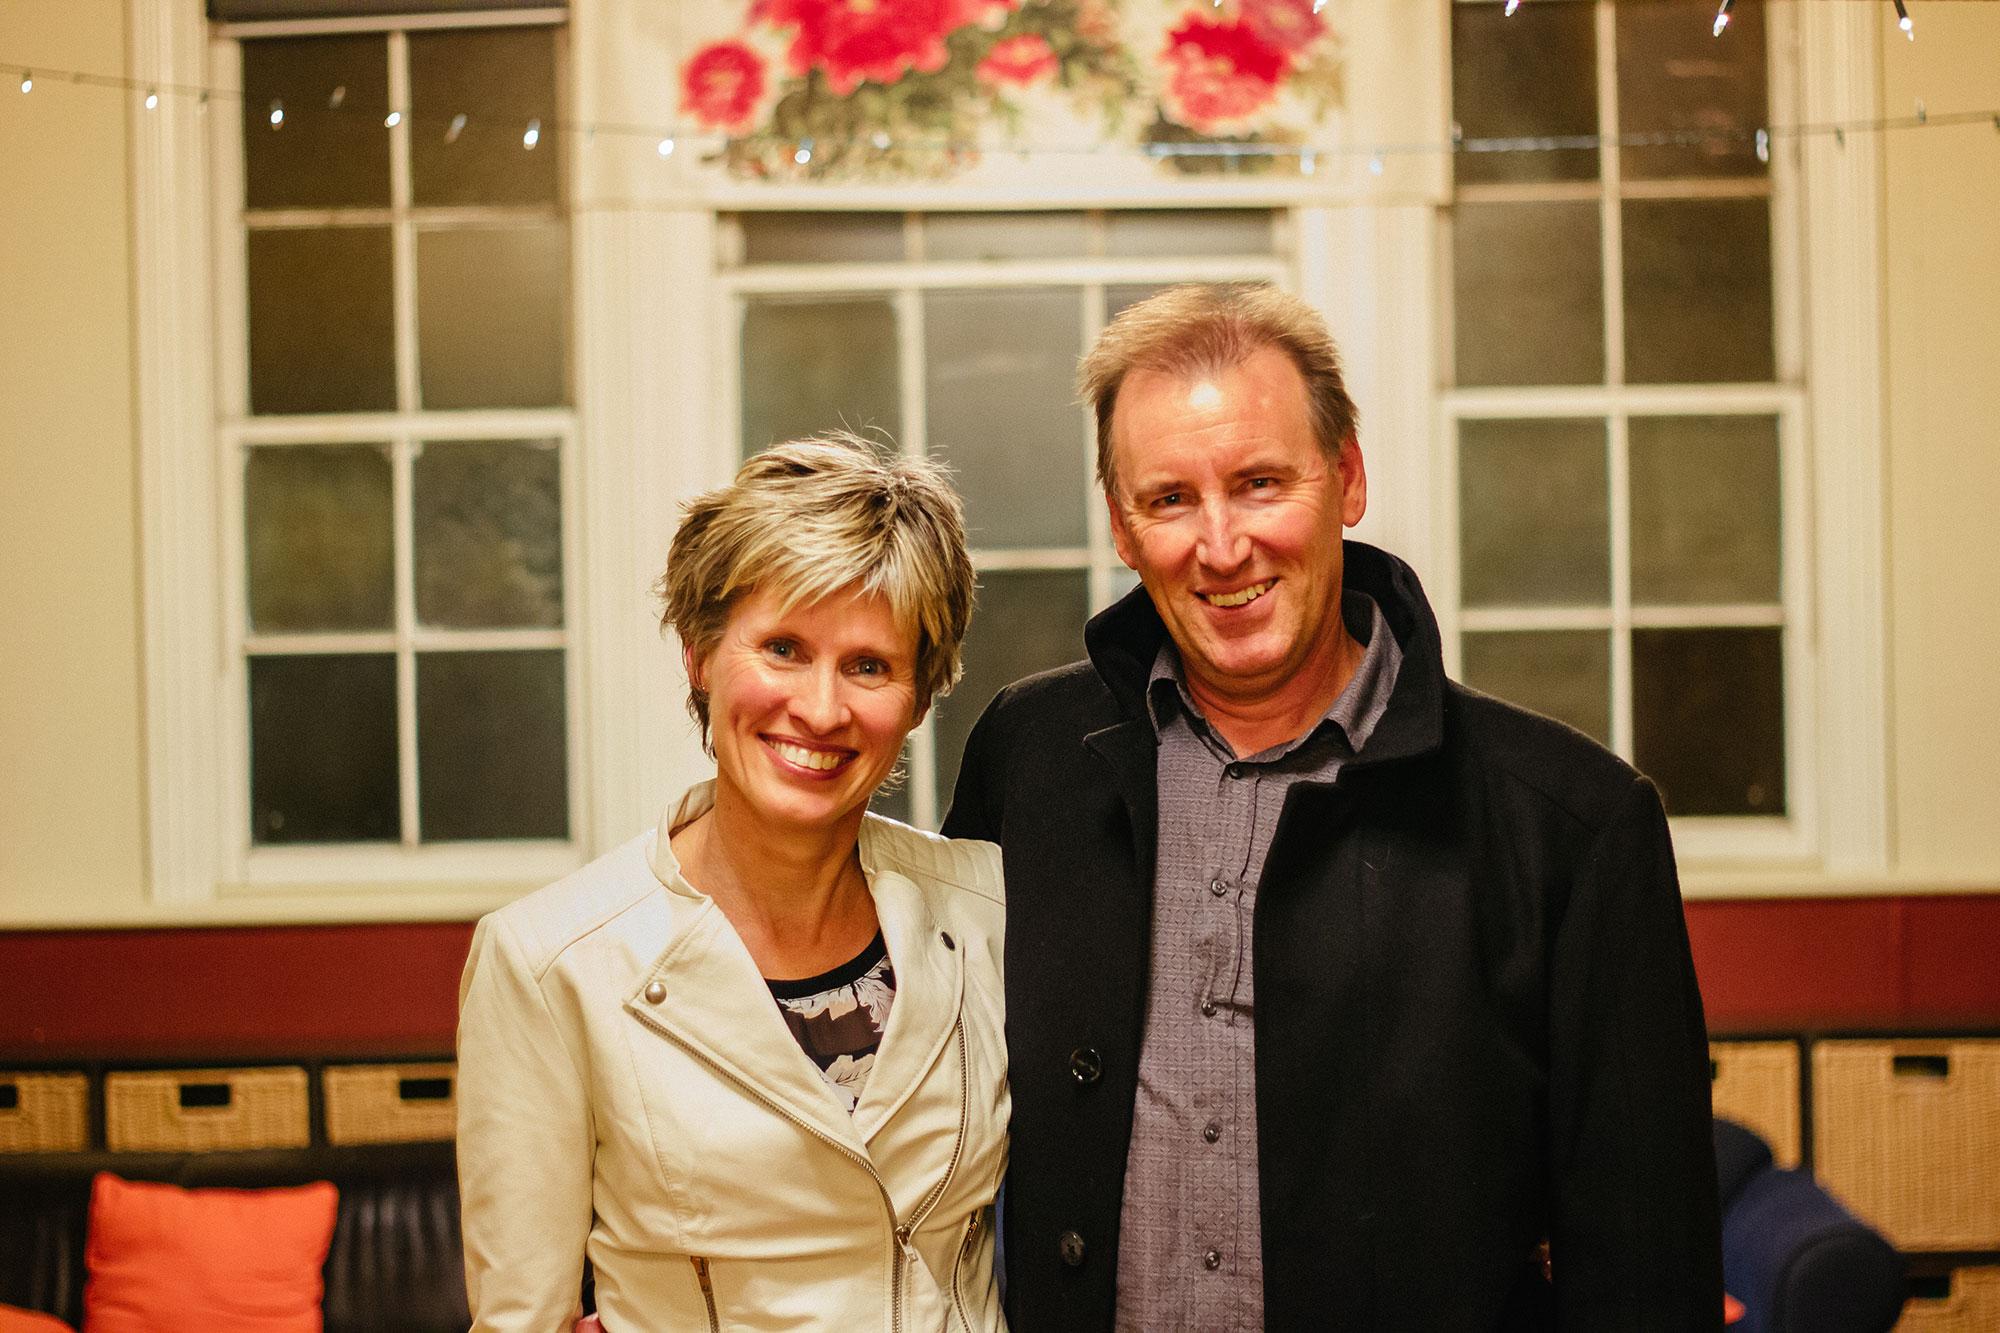 Ewen and Rachel McQueen - Pastors and Elders